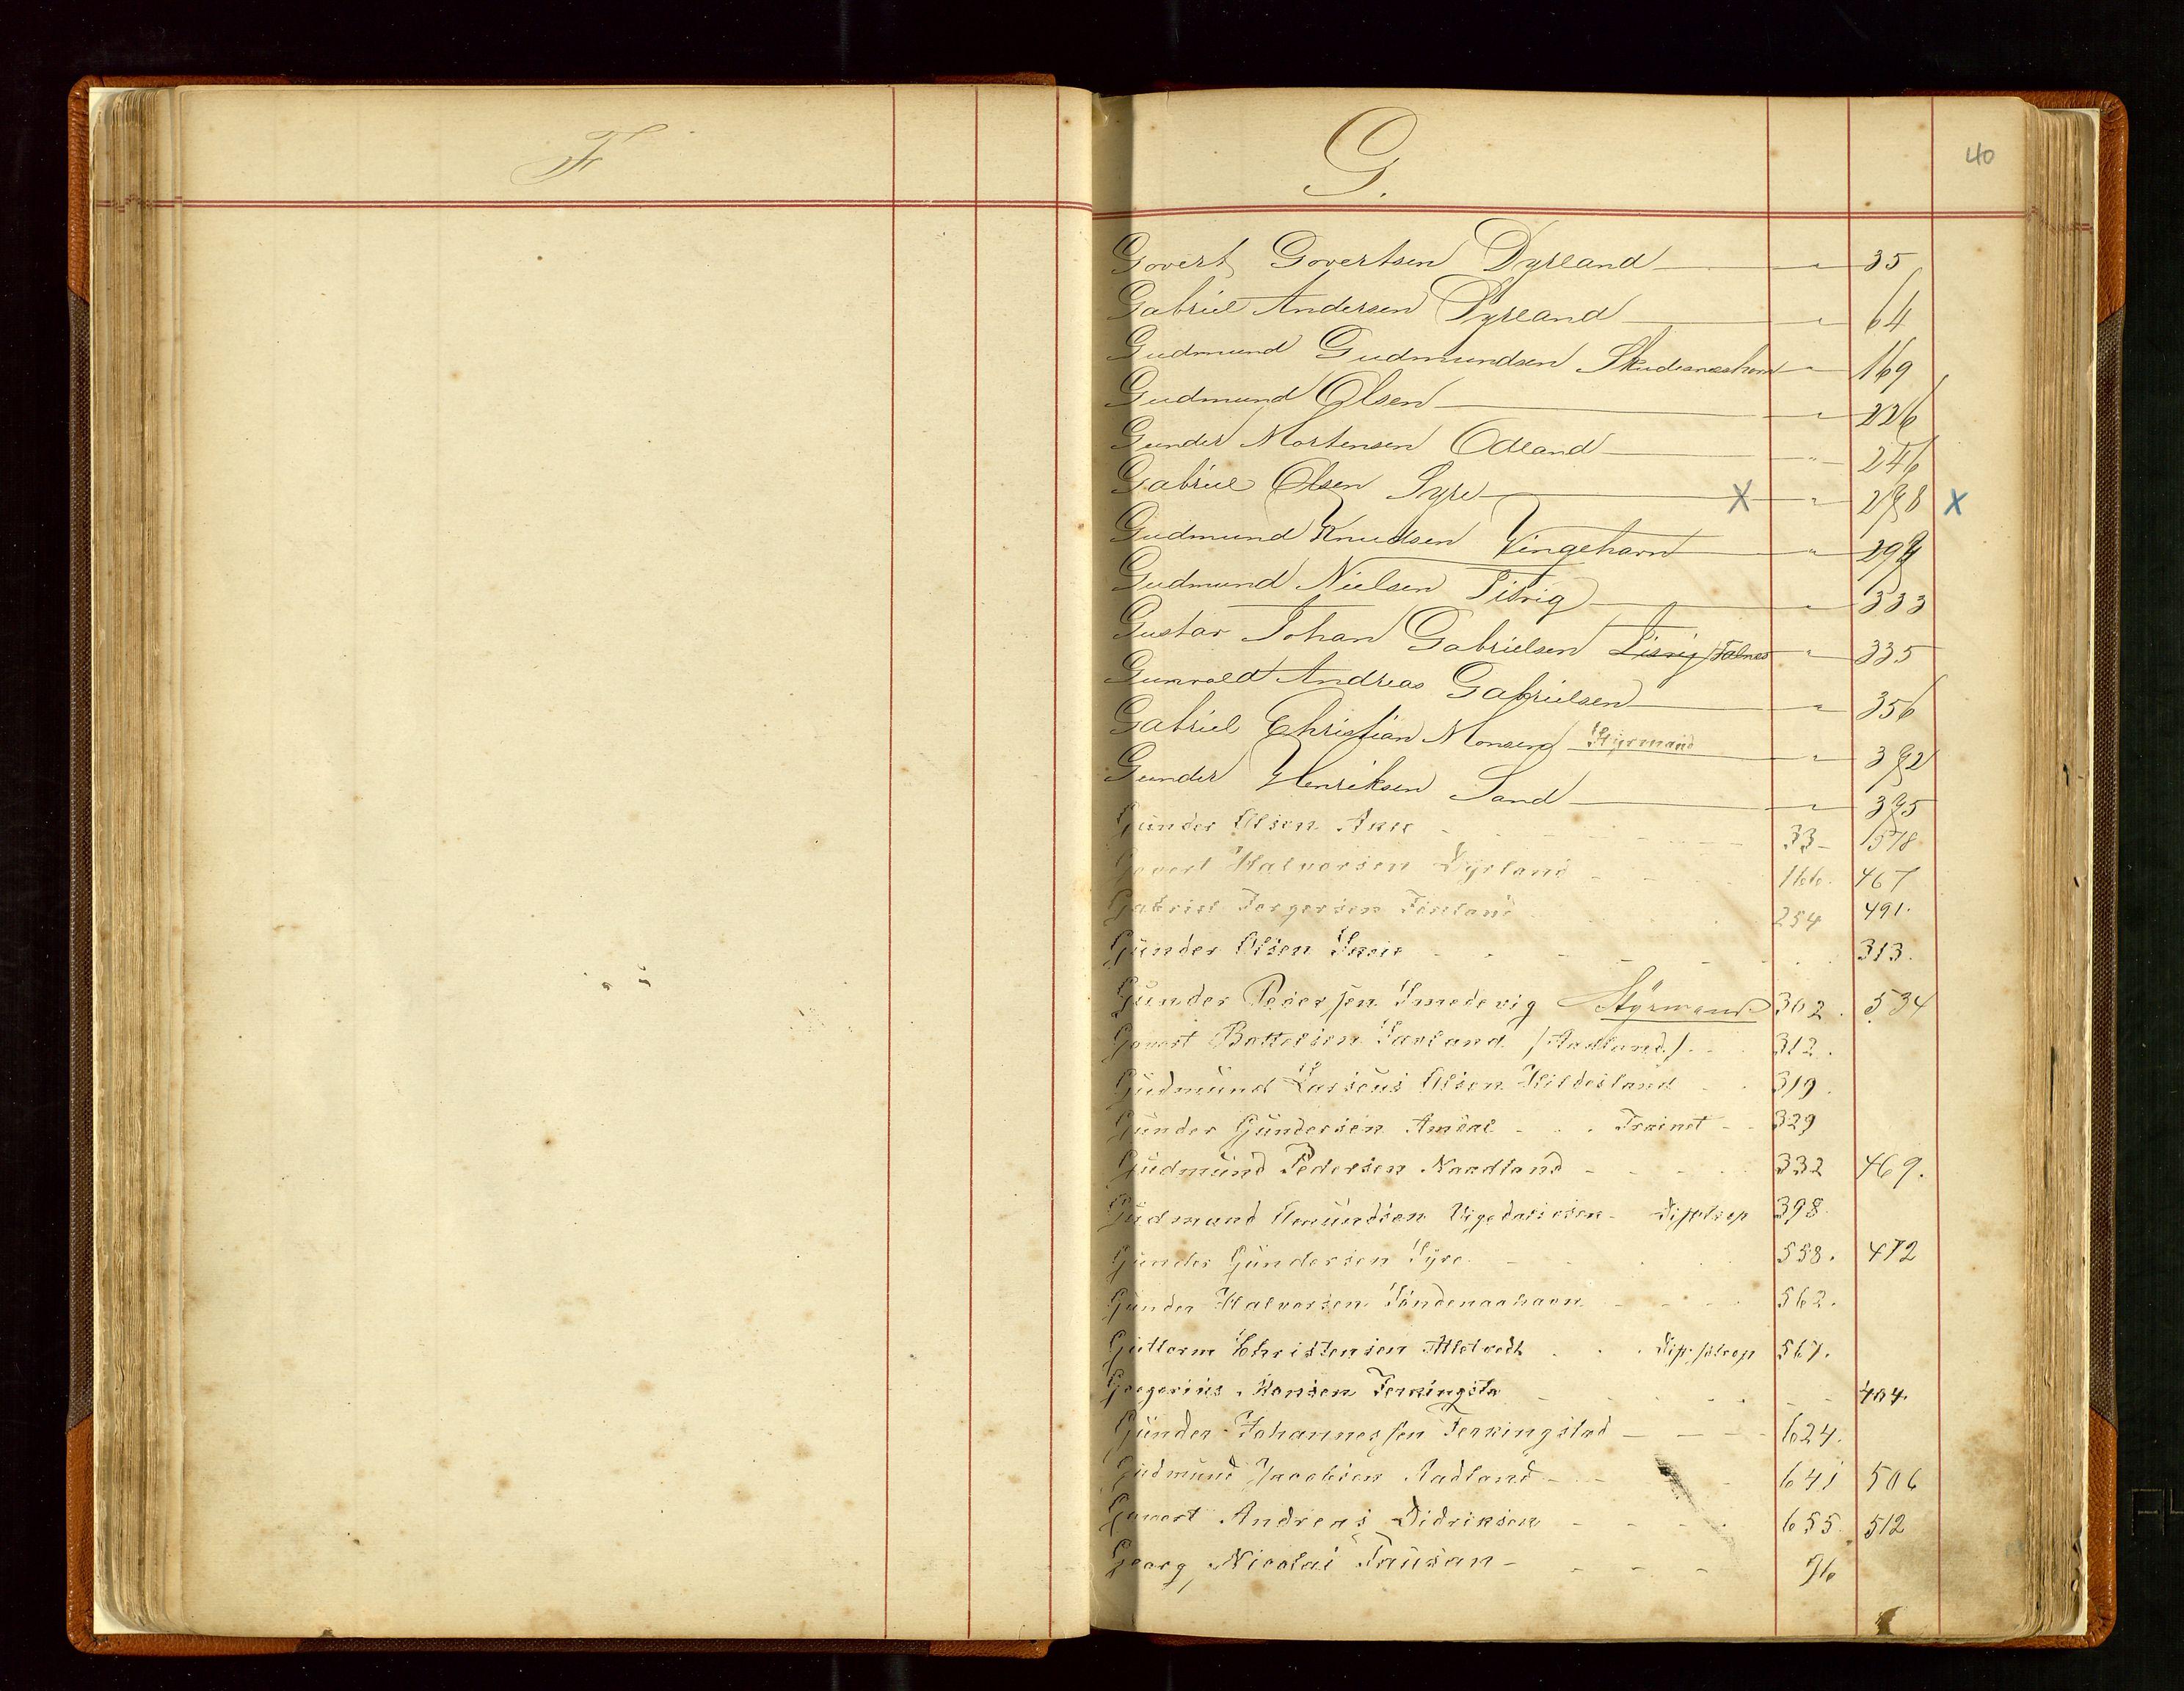 SAST, Haugesund sjømannskontor, F/Fb/Fba/L0003: Navneregister med henvisning til rullenummer (fornavn) Haugesund krets, 1860-1948, s. 40